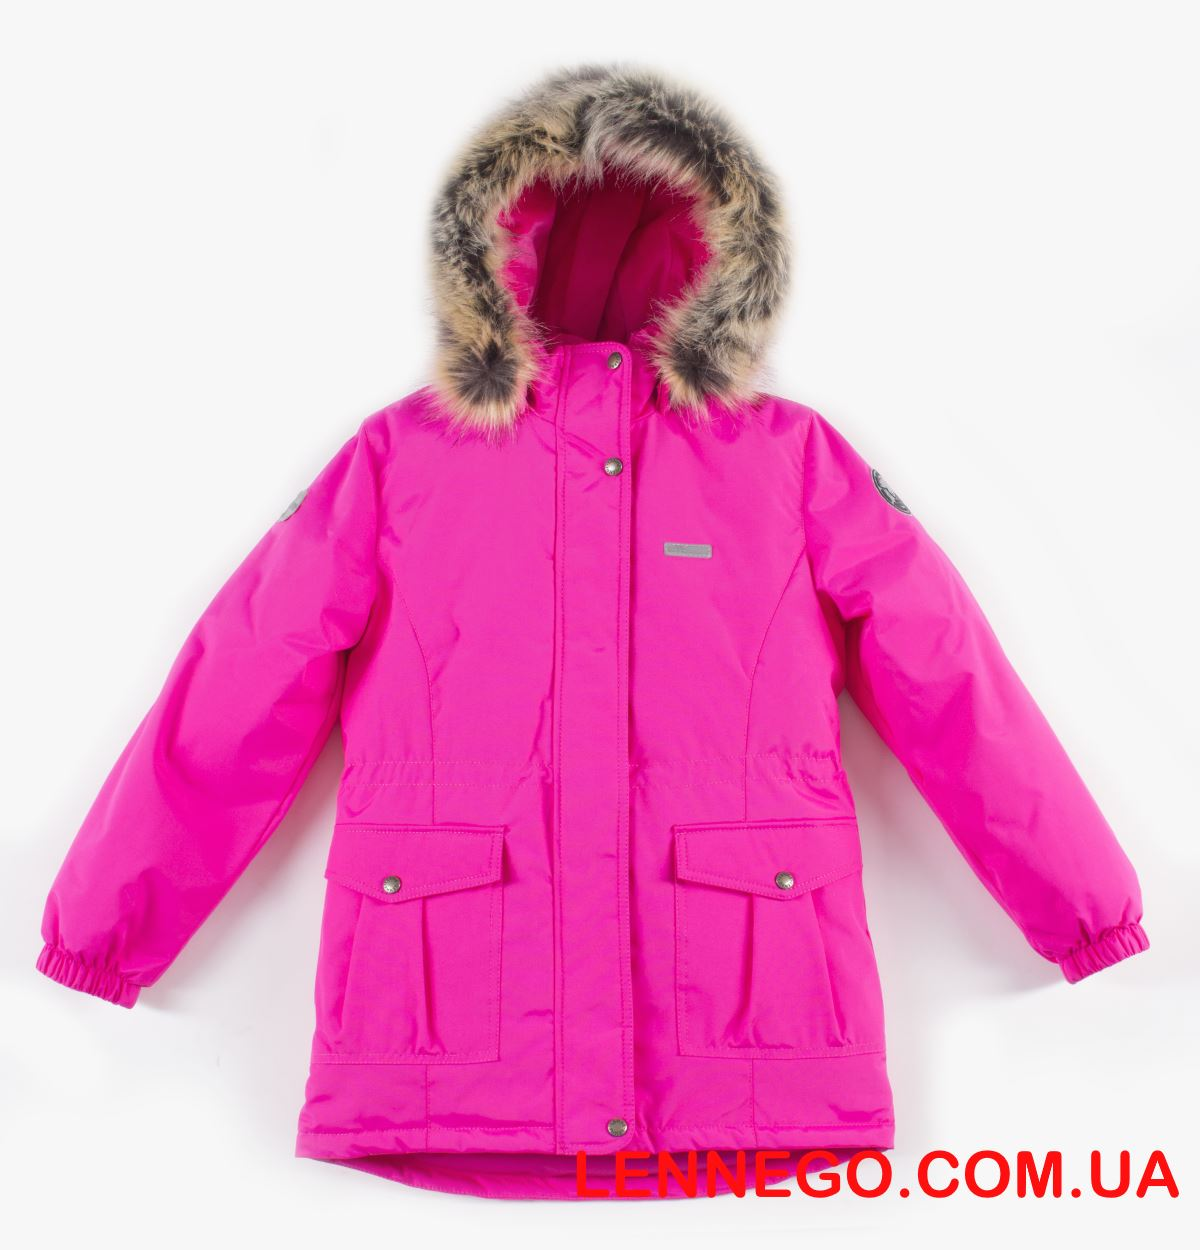 Lenne Maya удлиненная куртка парка для девочки розовая